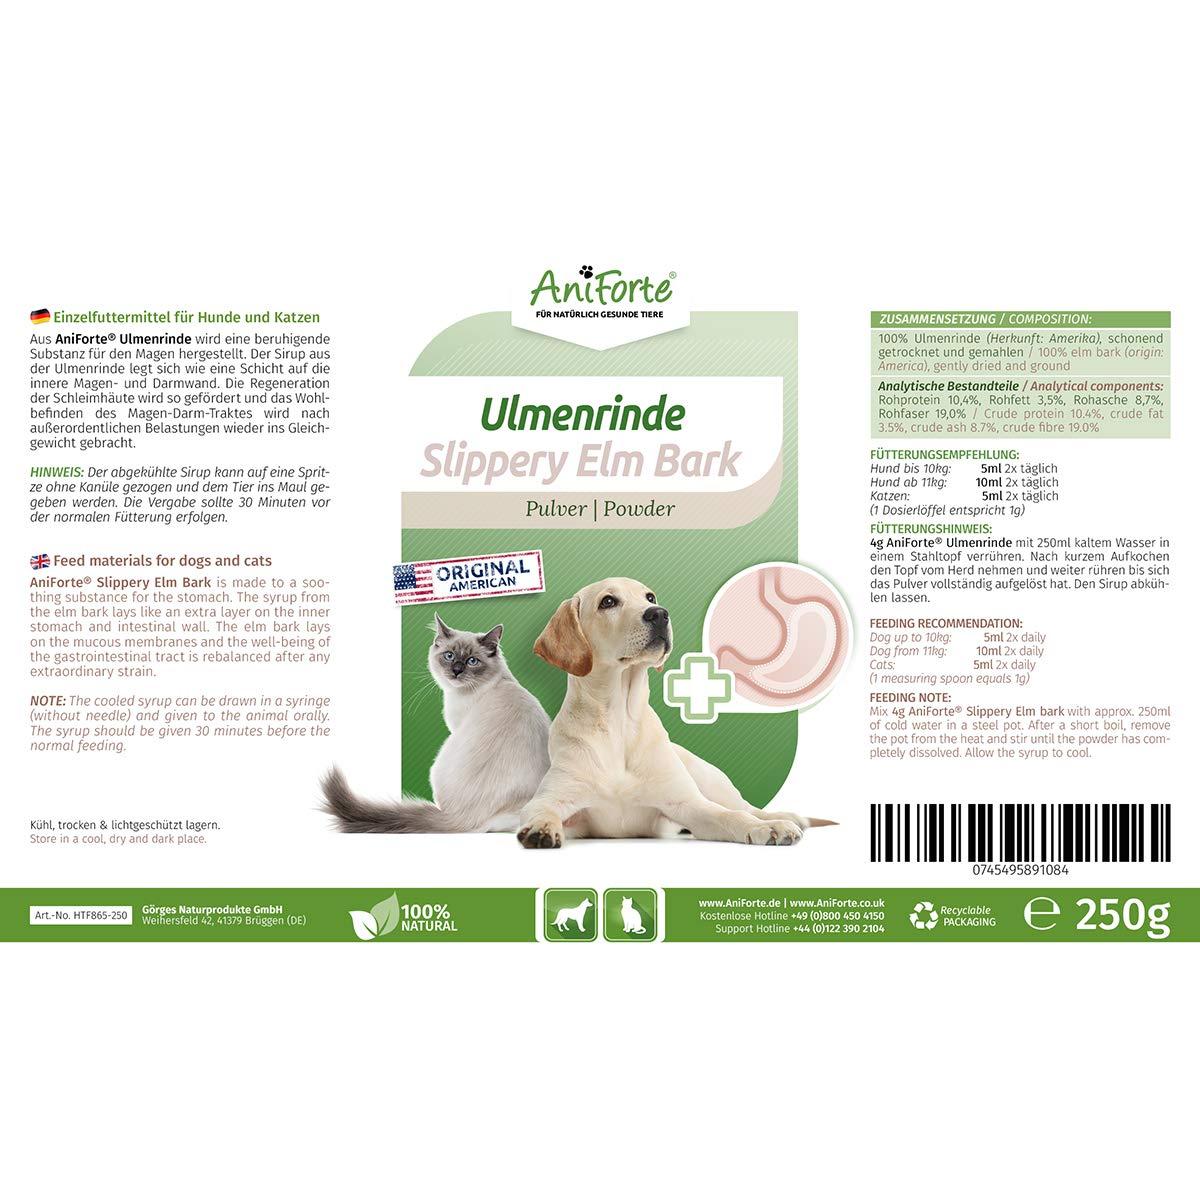 AniForte amerikanische Ulmenrinde Pulver 250g Slippery Elm Bark Pulver -  Naturprodukt für Hunde und Katzen, Wohlbefinden Magen-Darm-Trakt,